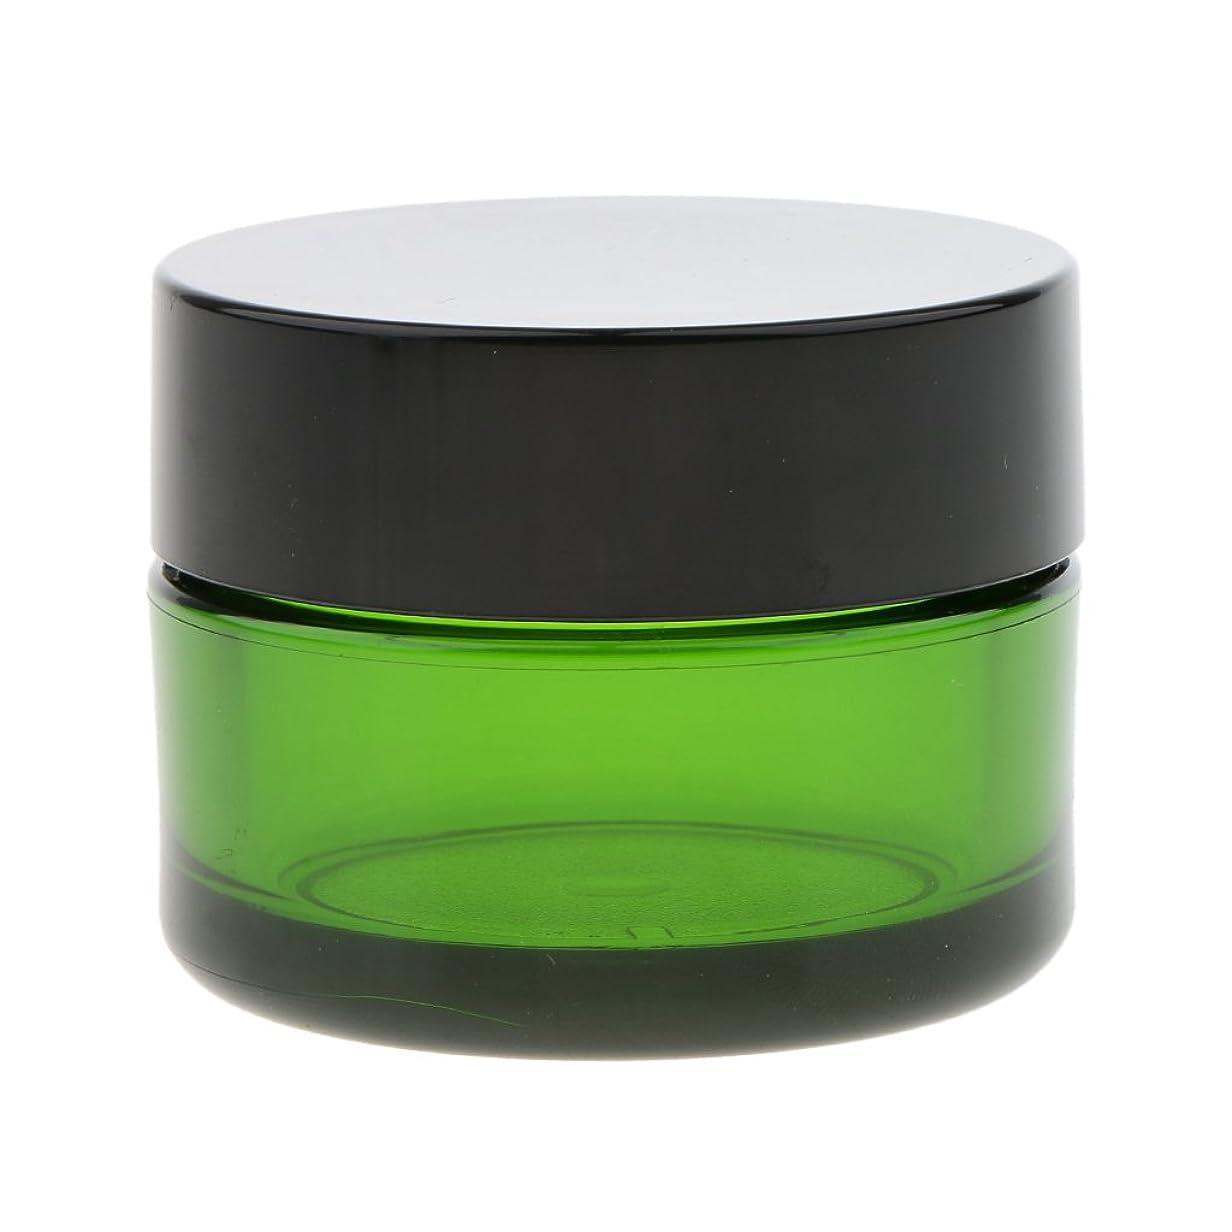 炎上シアー真っ逆さまBaosity クリーム コスメ 化粧品 ジャー 詰替え ボトル メイクアップ 旅行小物 便利 小分け容器 全3色 - 緑